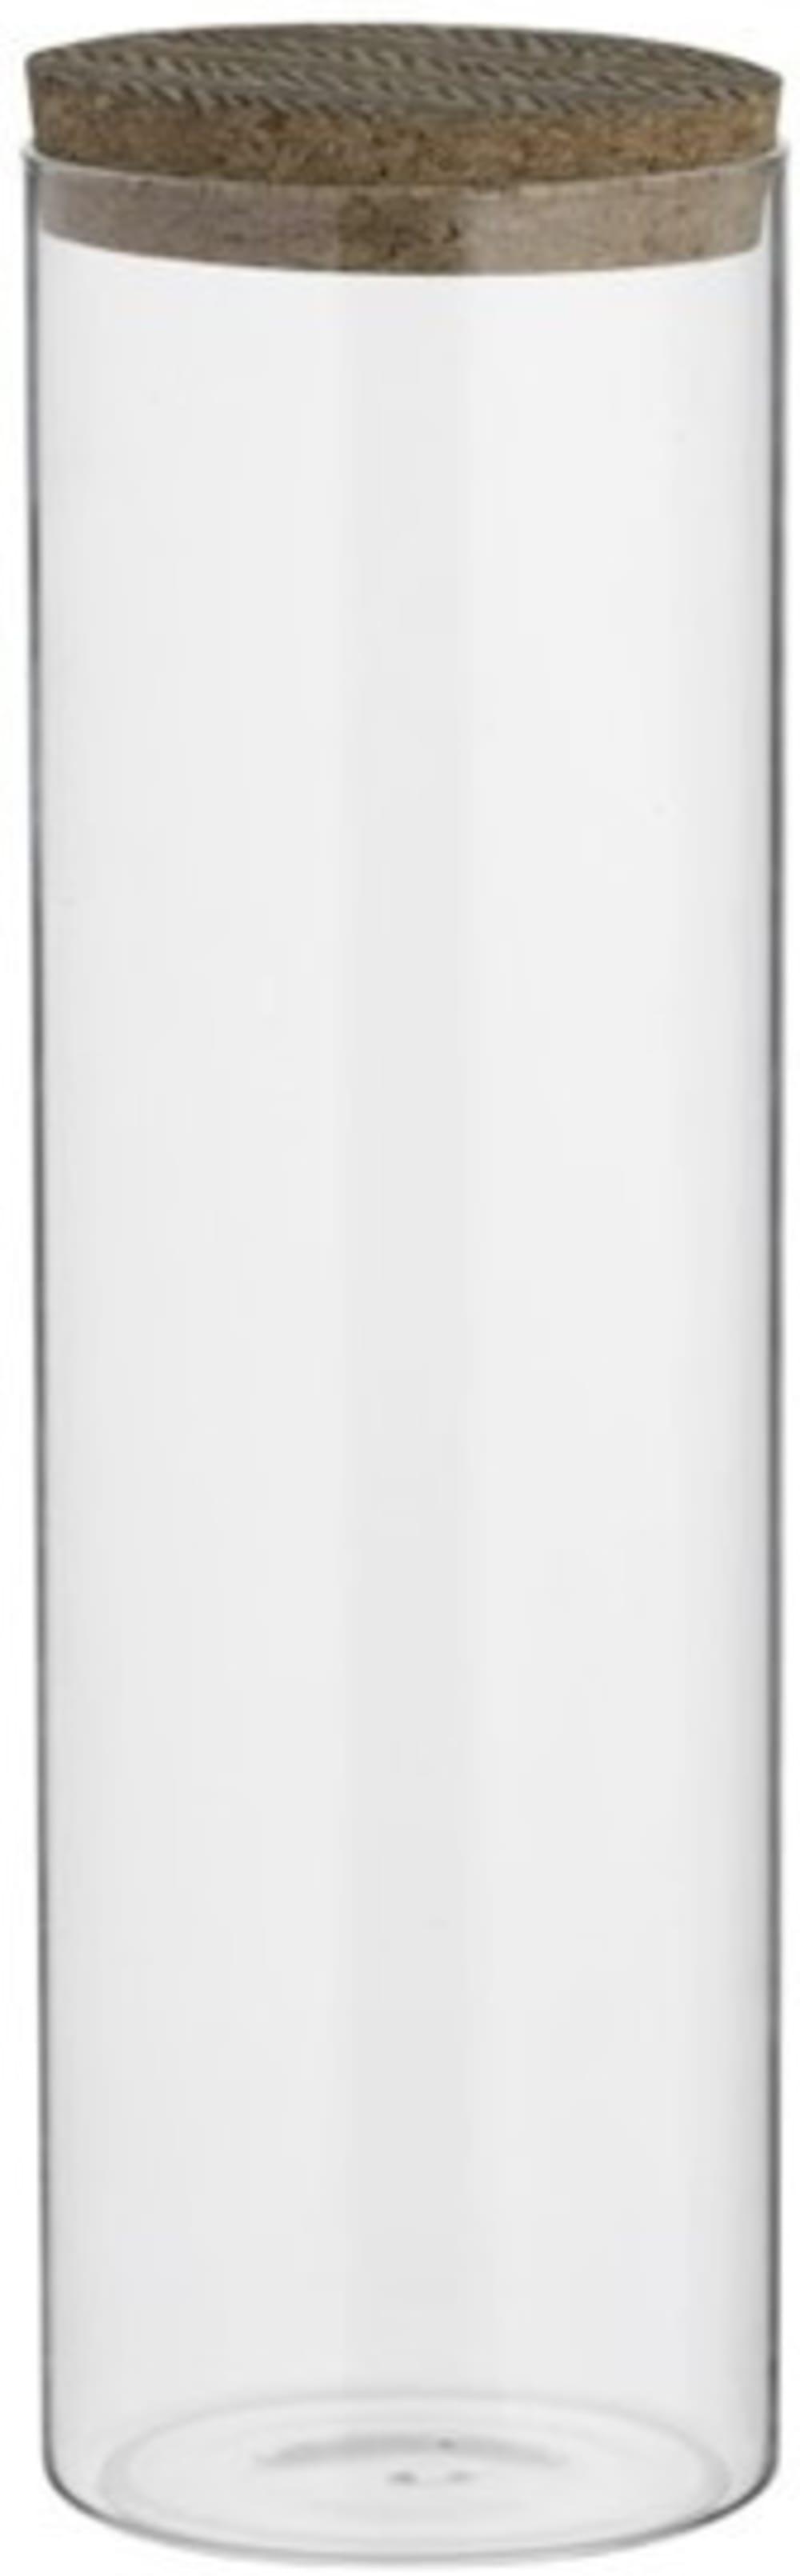 Pojemnik szklany monochrome 1.8 l